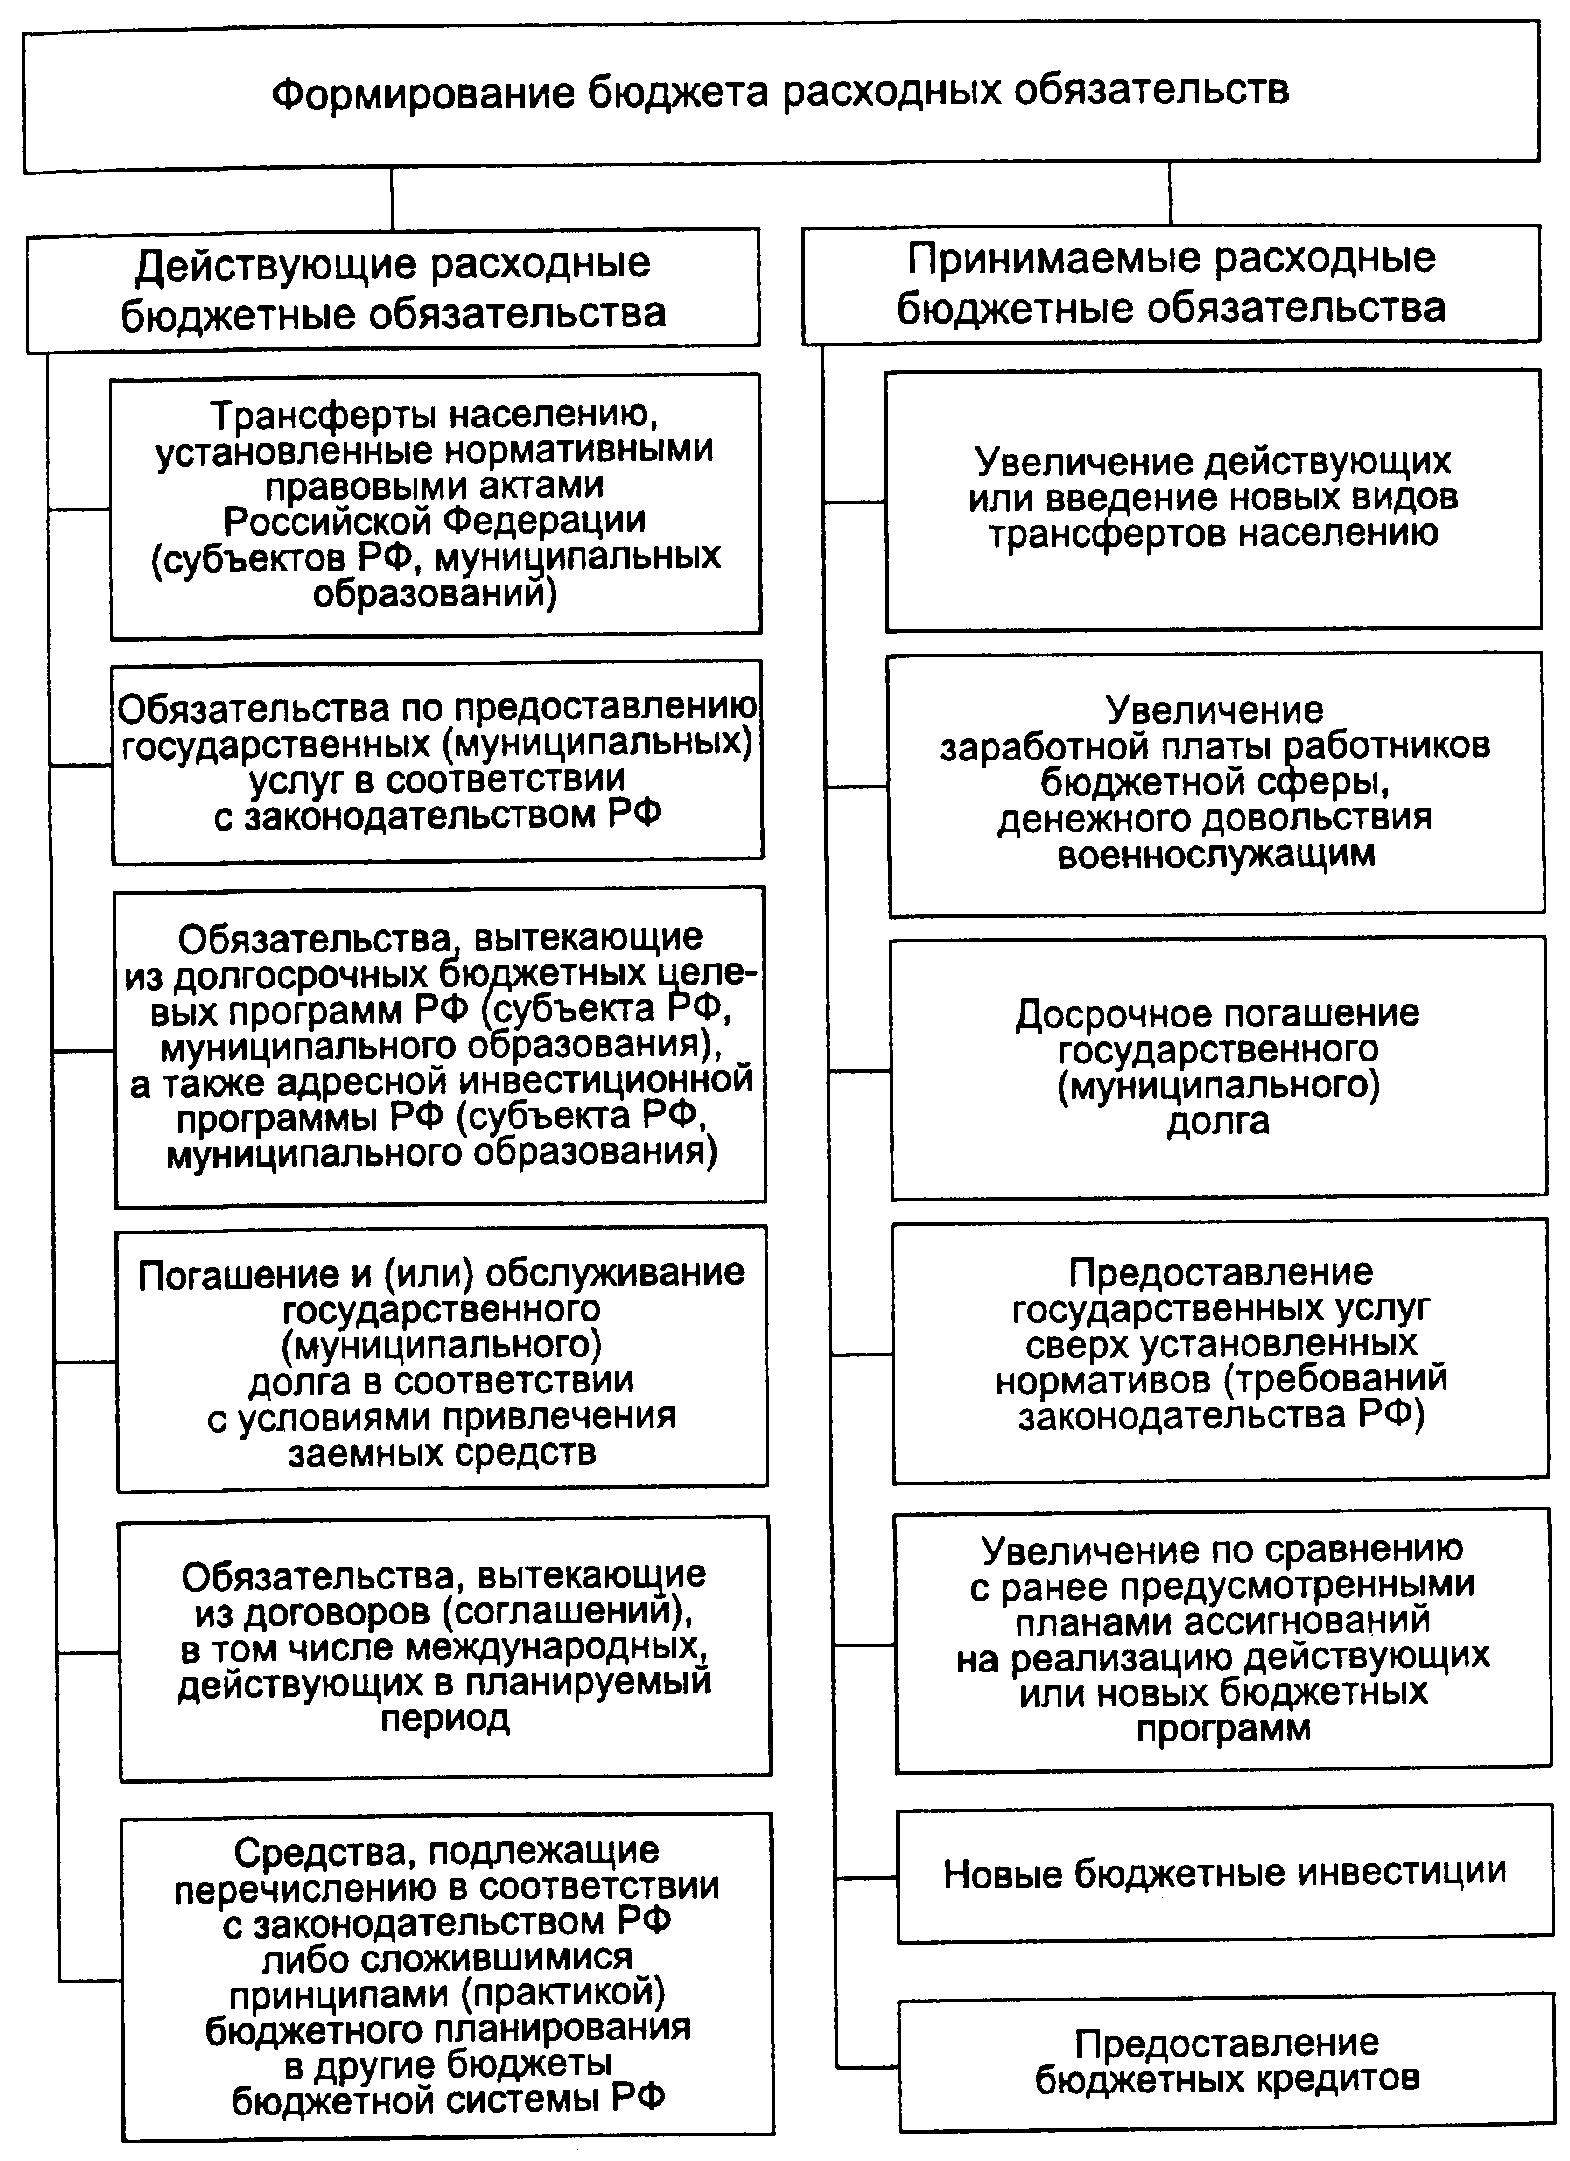 Виды расходных обязательств в рф схема